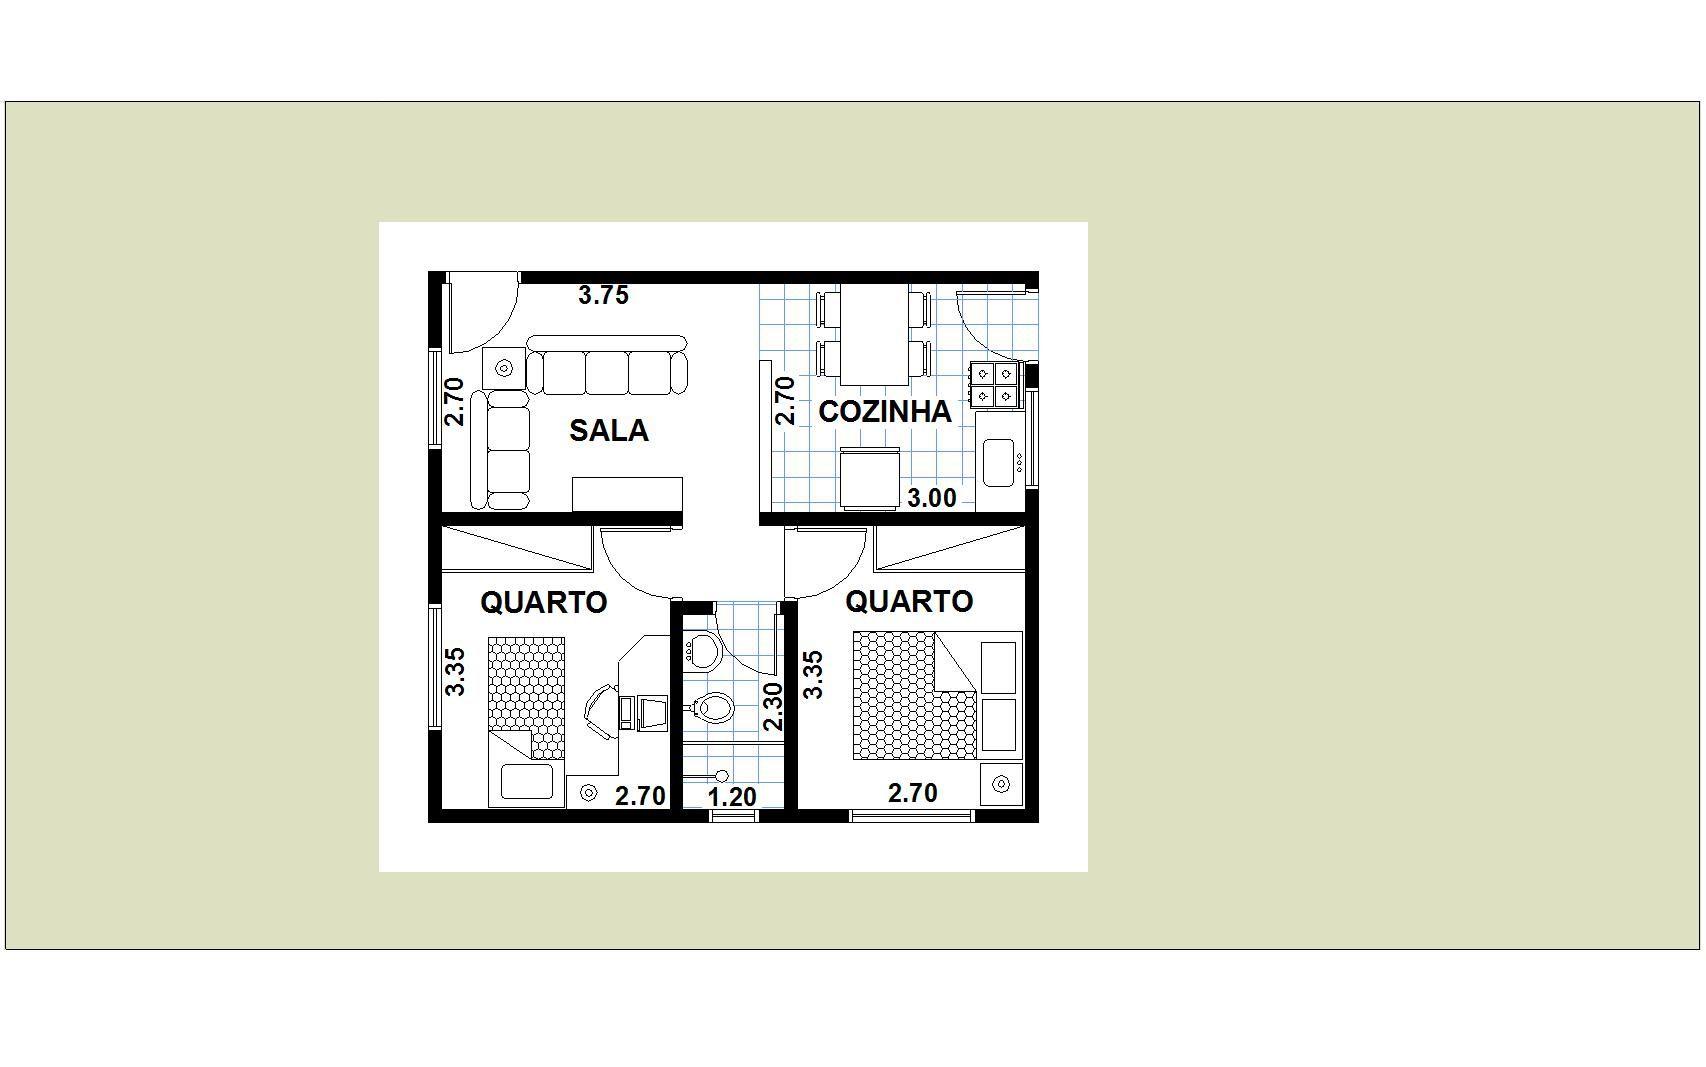 Planta De Casas Com 2 Quartos Sala Cozinha E Banheiro Avar  -> Quarto Sala Cozinha E Banheiro Para Alugar Em Sp